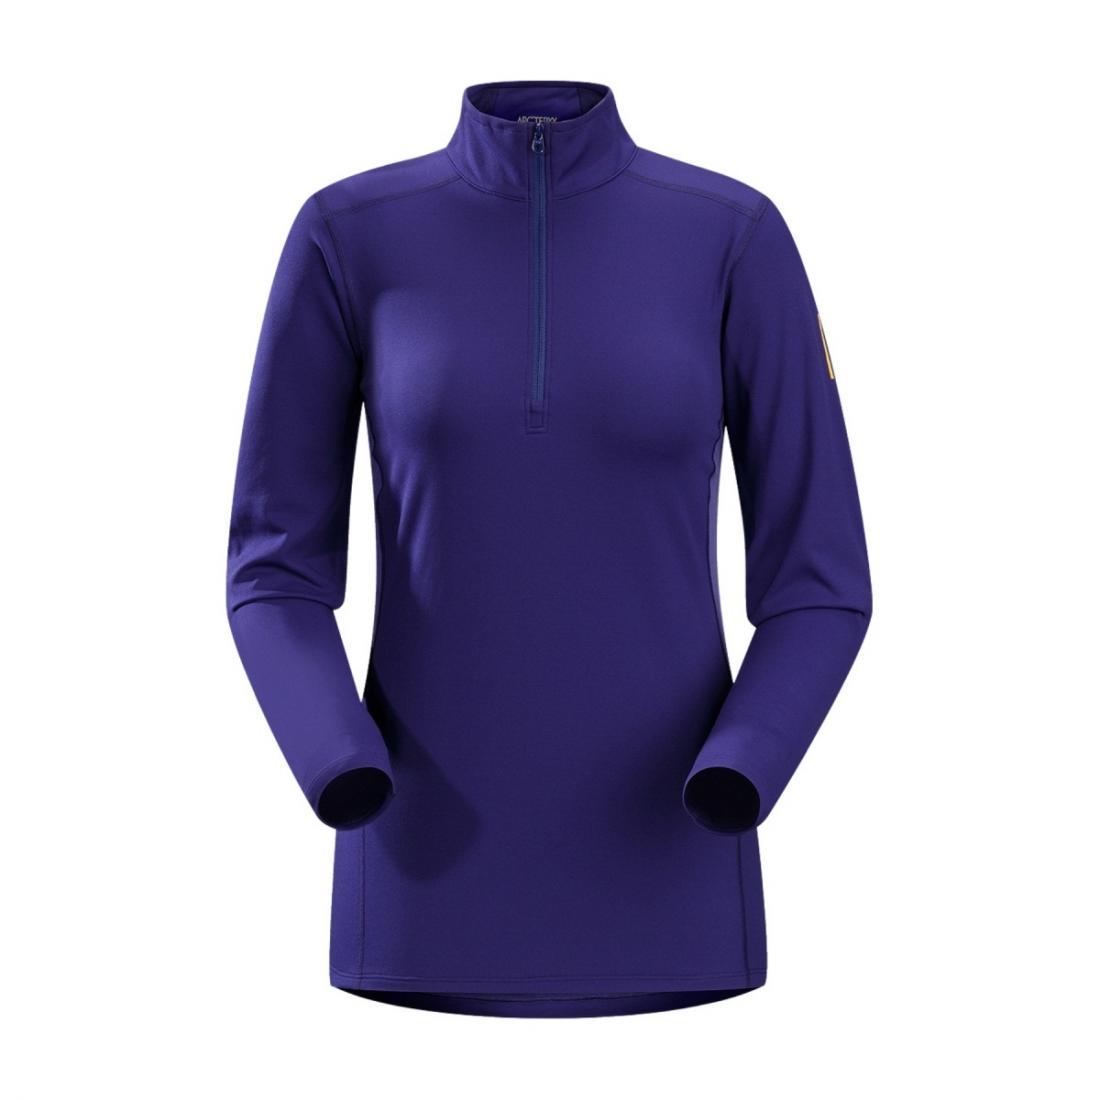 Термобелье футболка Phase AR Zip Neck жен. длин.рукавФутболки<br><br> Футболка-термобелье с длинными рукавами Arcteryx Phase AR для женщин используется в качестве дополнительного утепляющего слоя в морозную погоду. Оно отлично сохраняет тепло, отводит лишнюю влагу с поверхности кожи и дарит комфорт благодаря анатомич...<br><br>Цвет: Синий<br>Размер: L